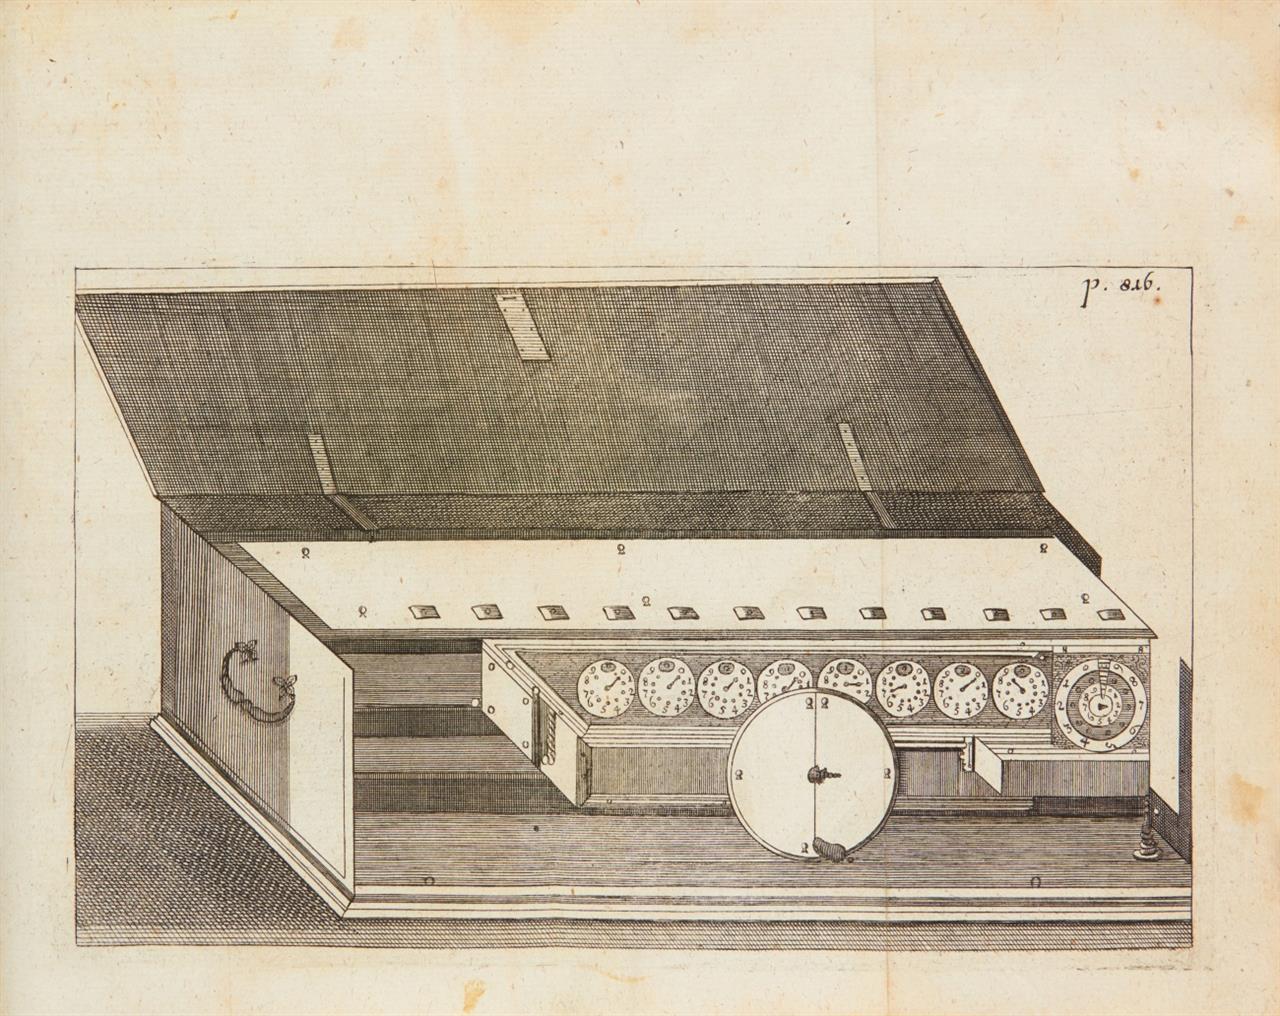 G. W. Leibniz, Theodicee, das ist, Versuch von der Güte Gottes. Hannover u. Lpz. 1744.